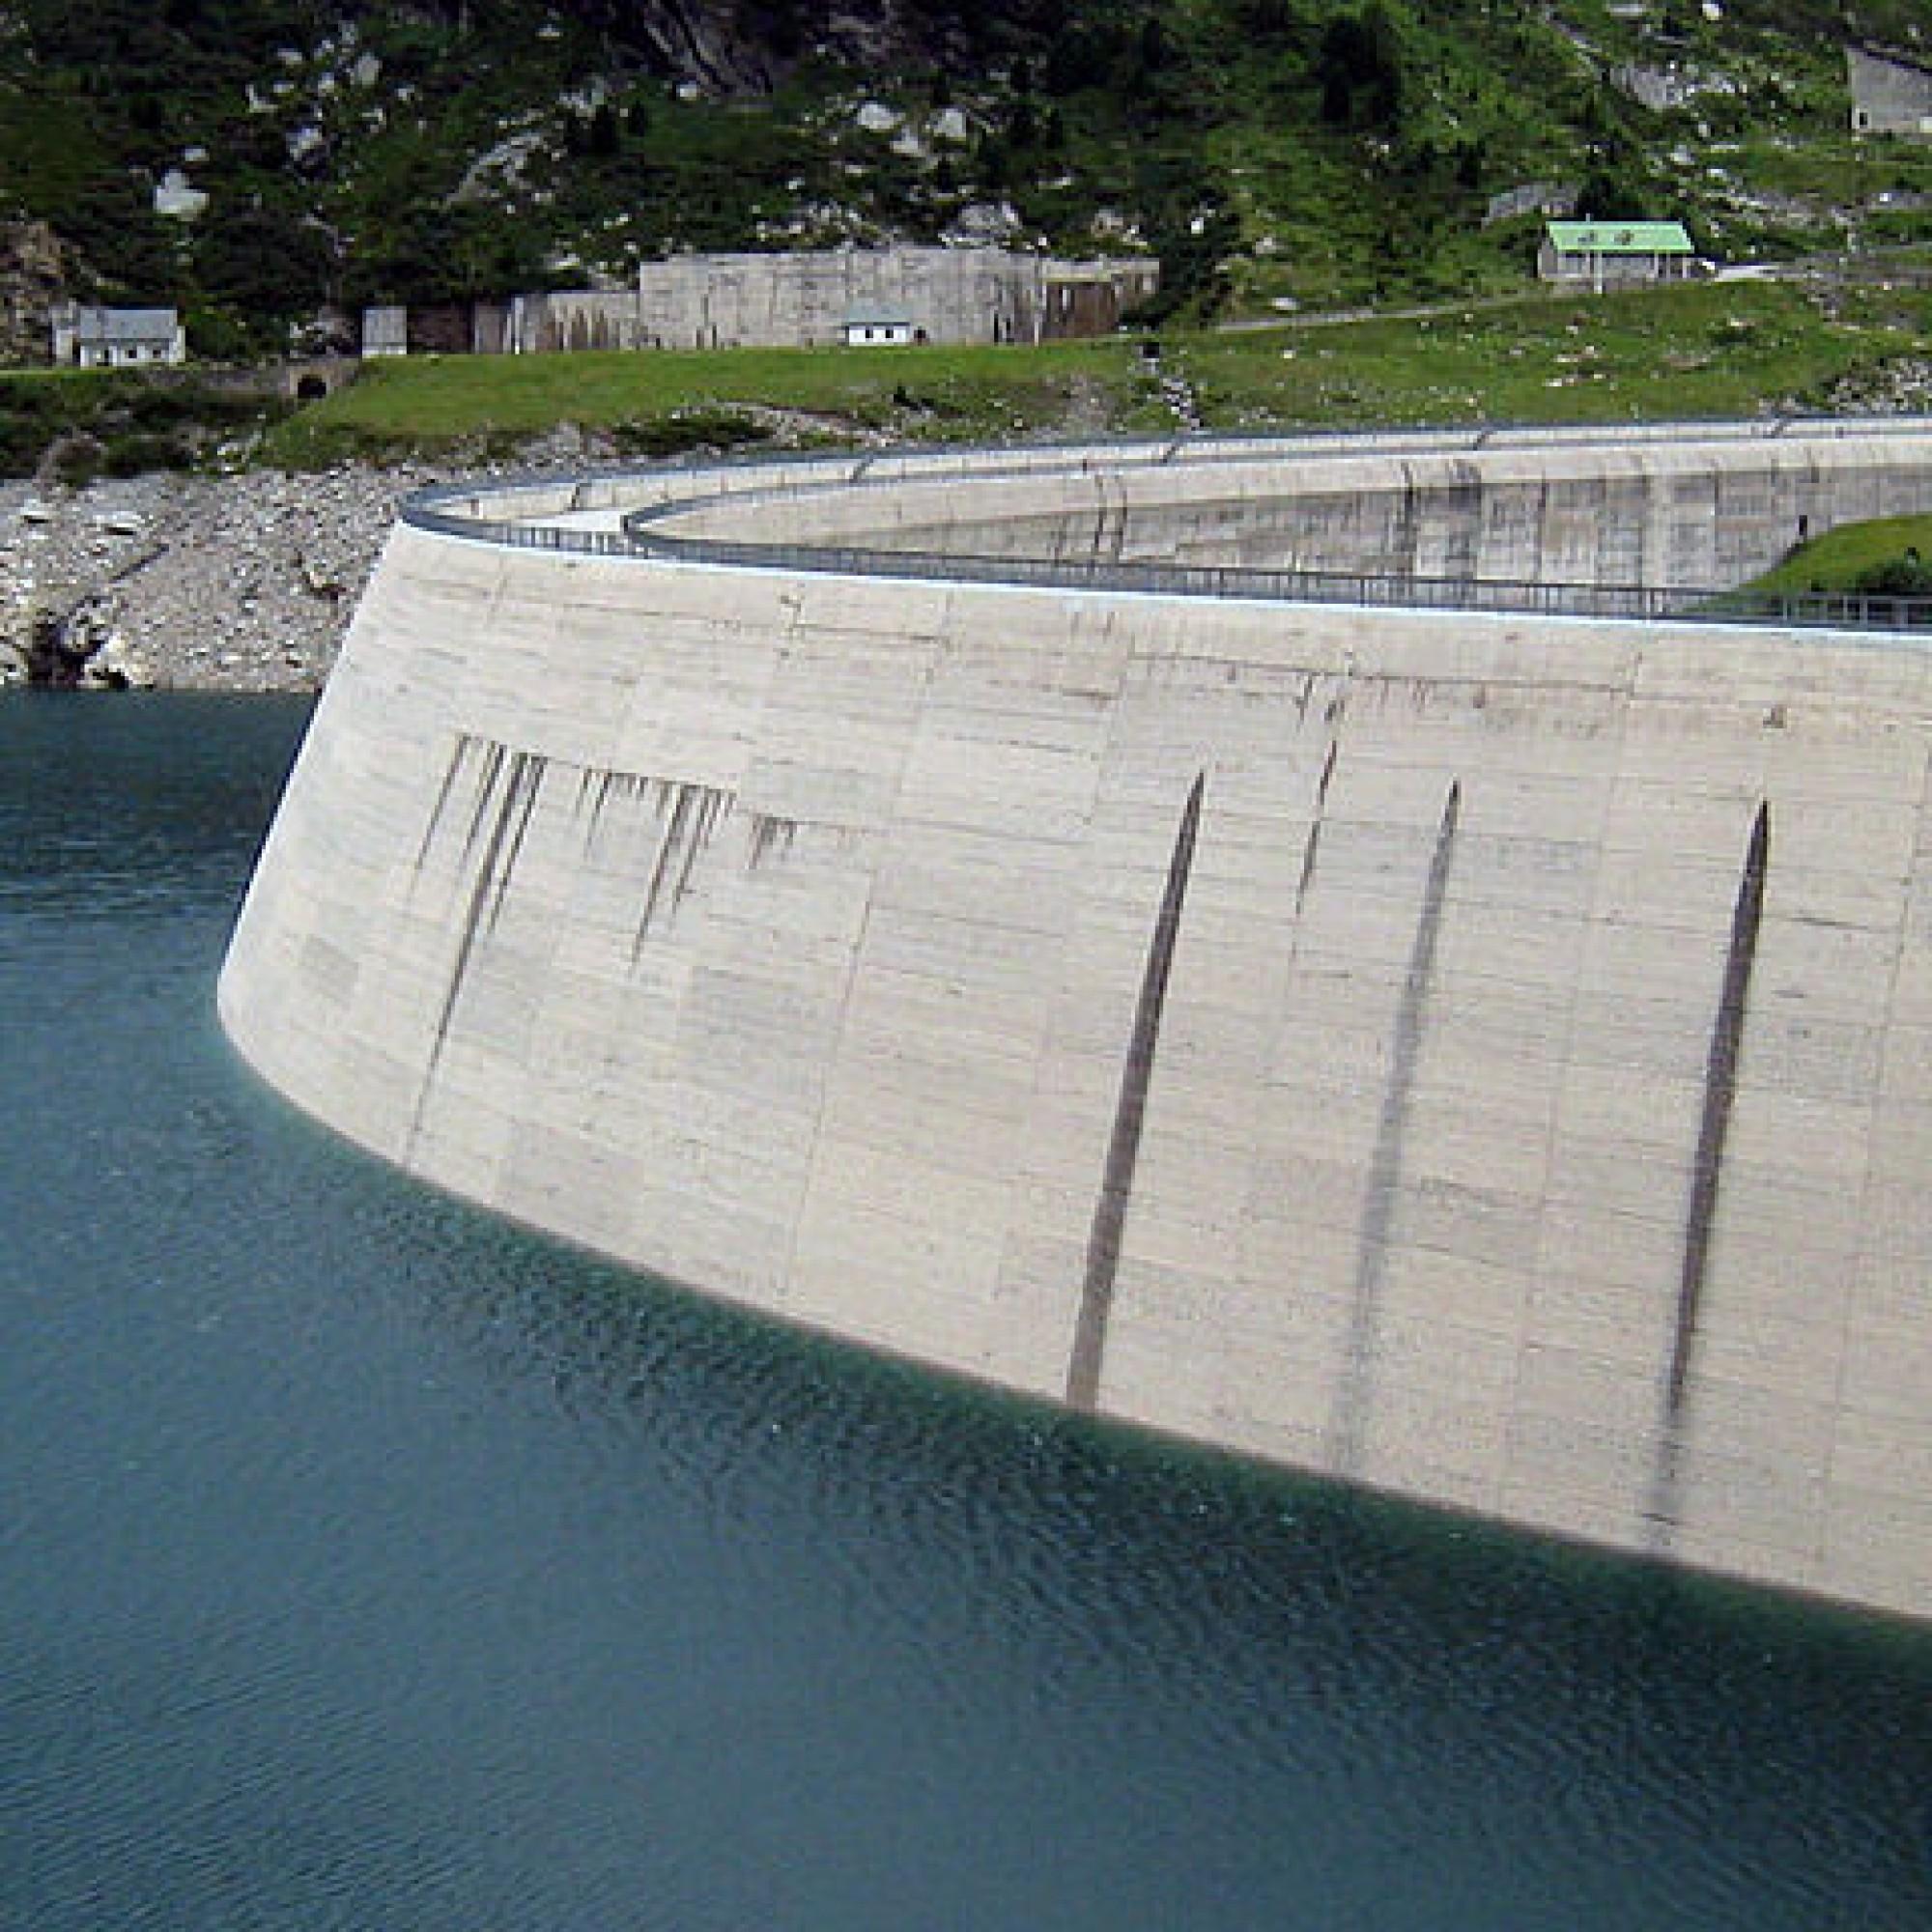 Staumauer am Lago di Lei. (Bild: wikimedia CC)